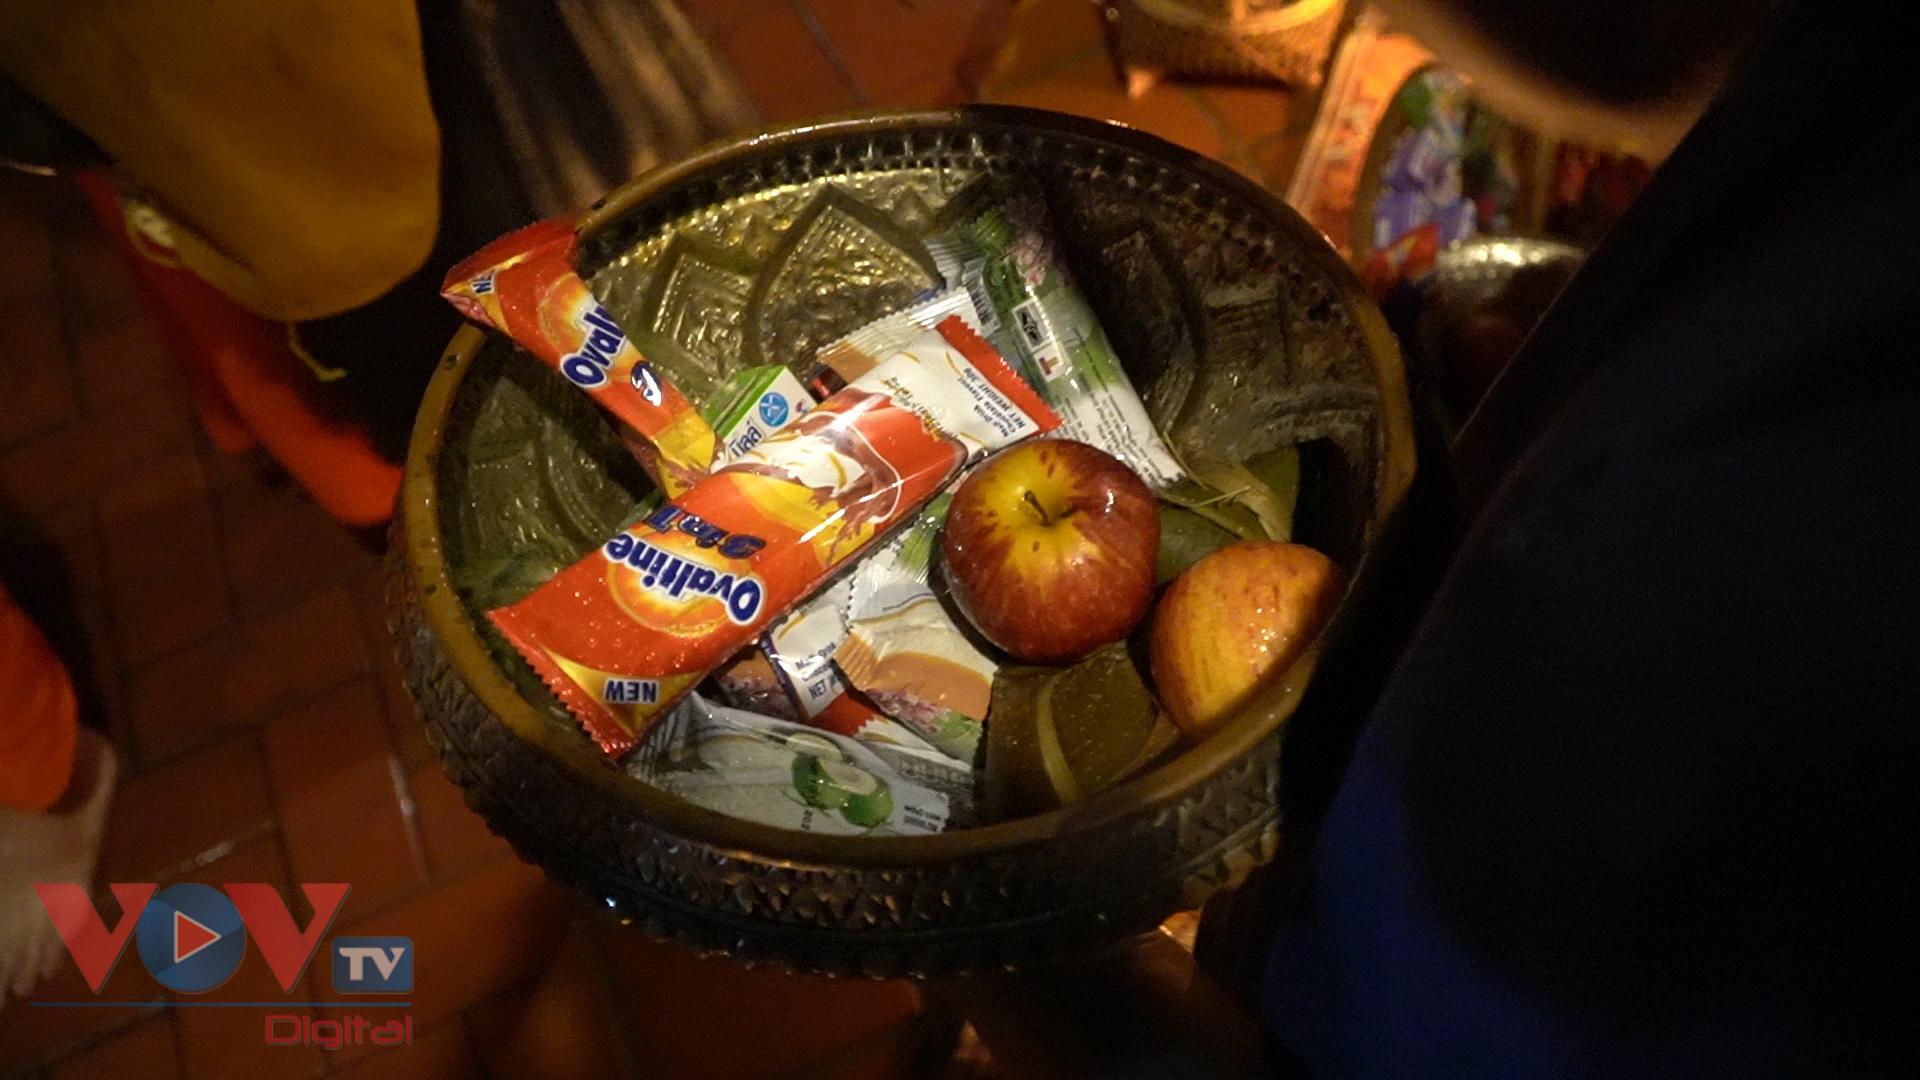 Đồ cúng dường đơn giản chỉ là ít bánh và hoa quả